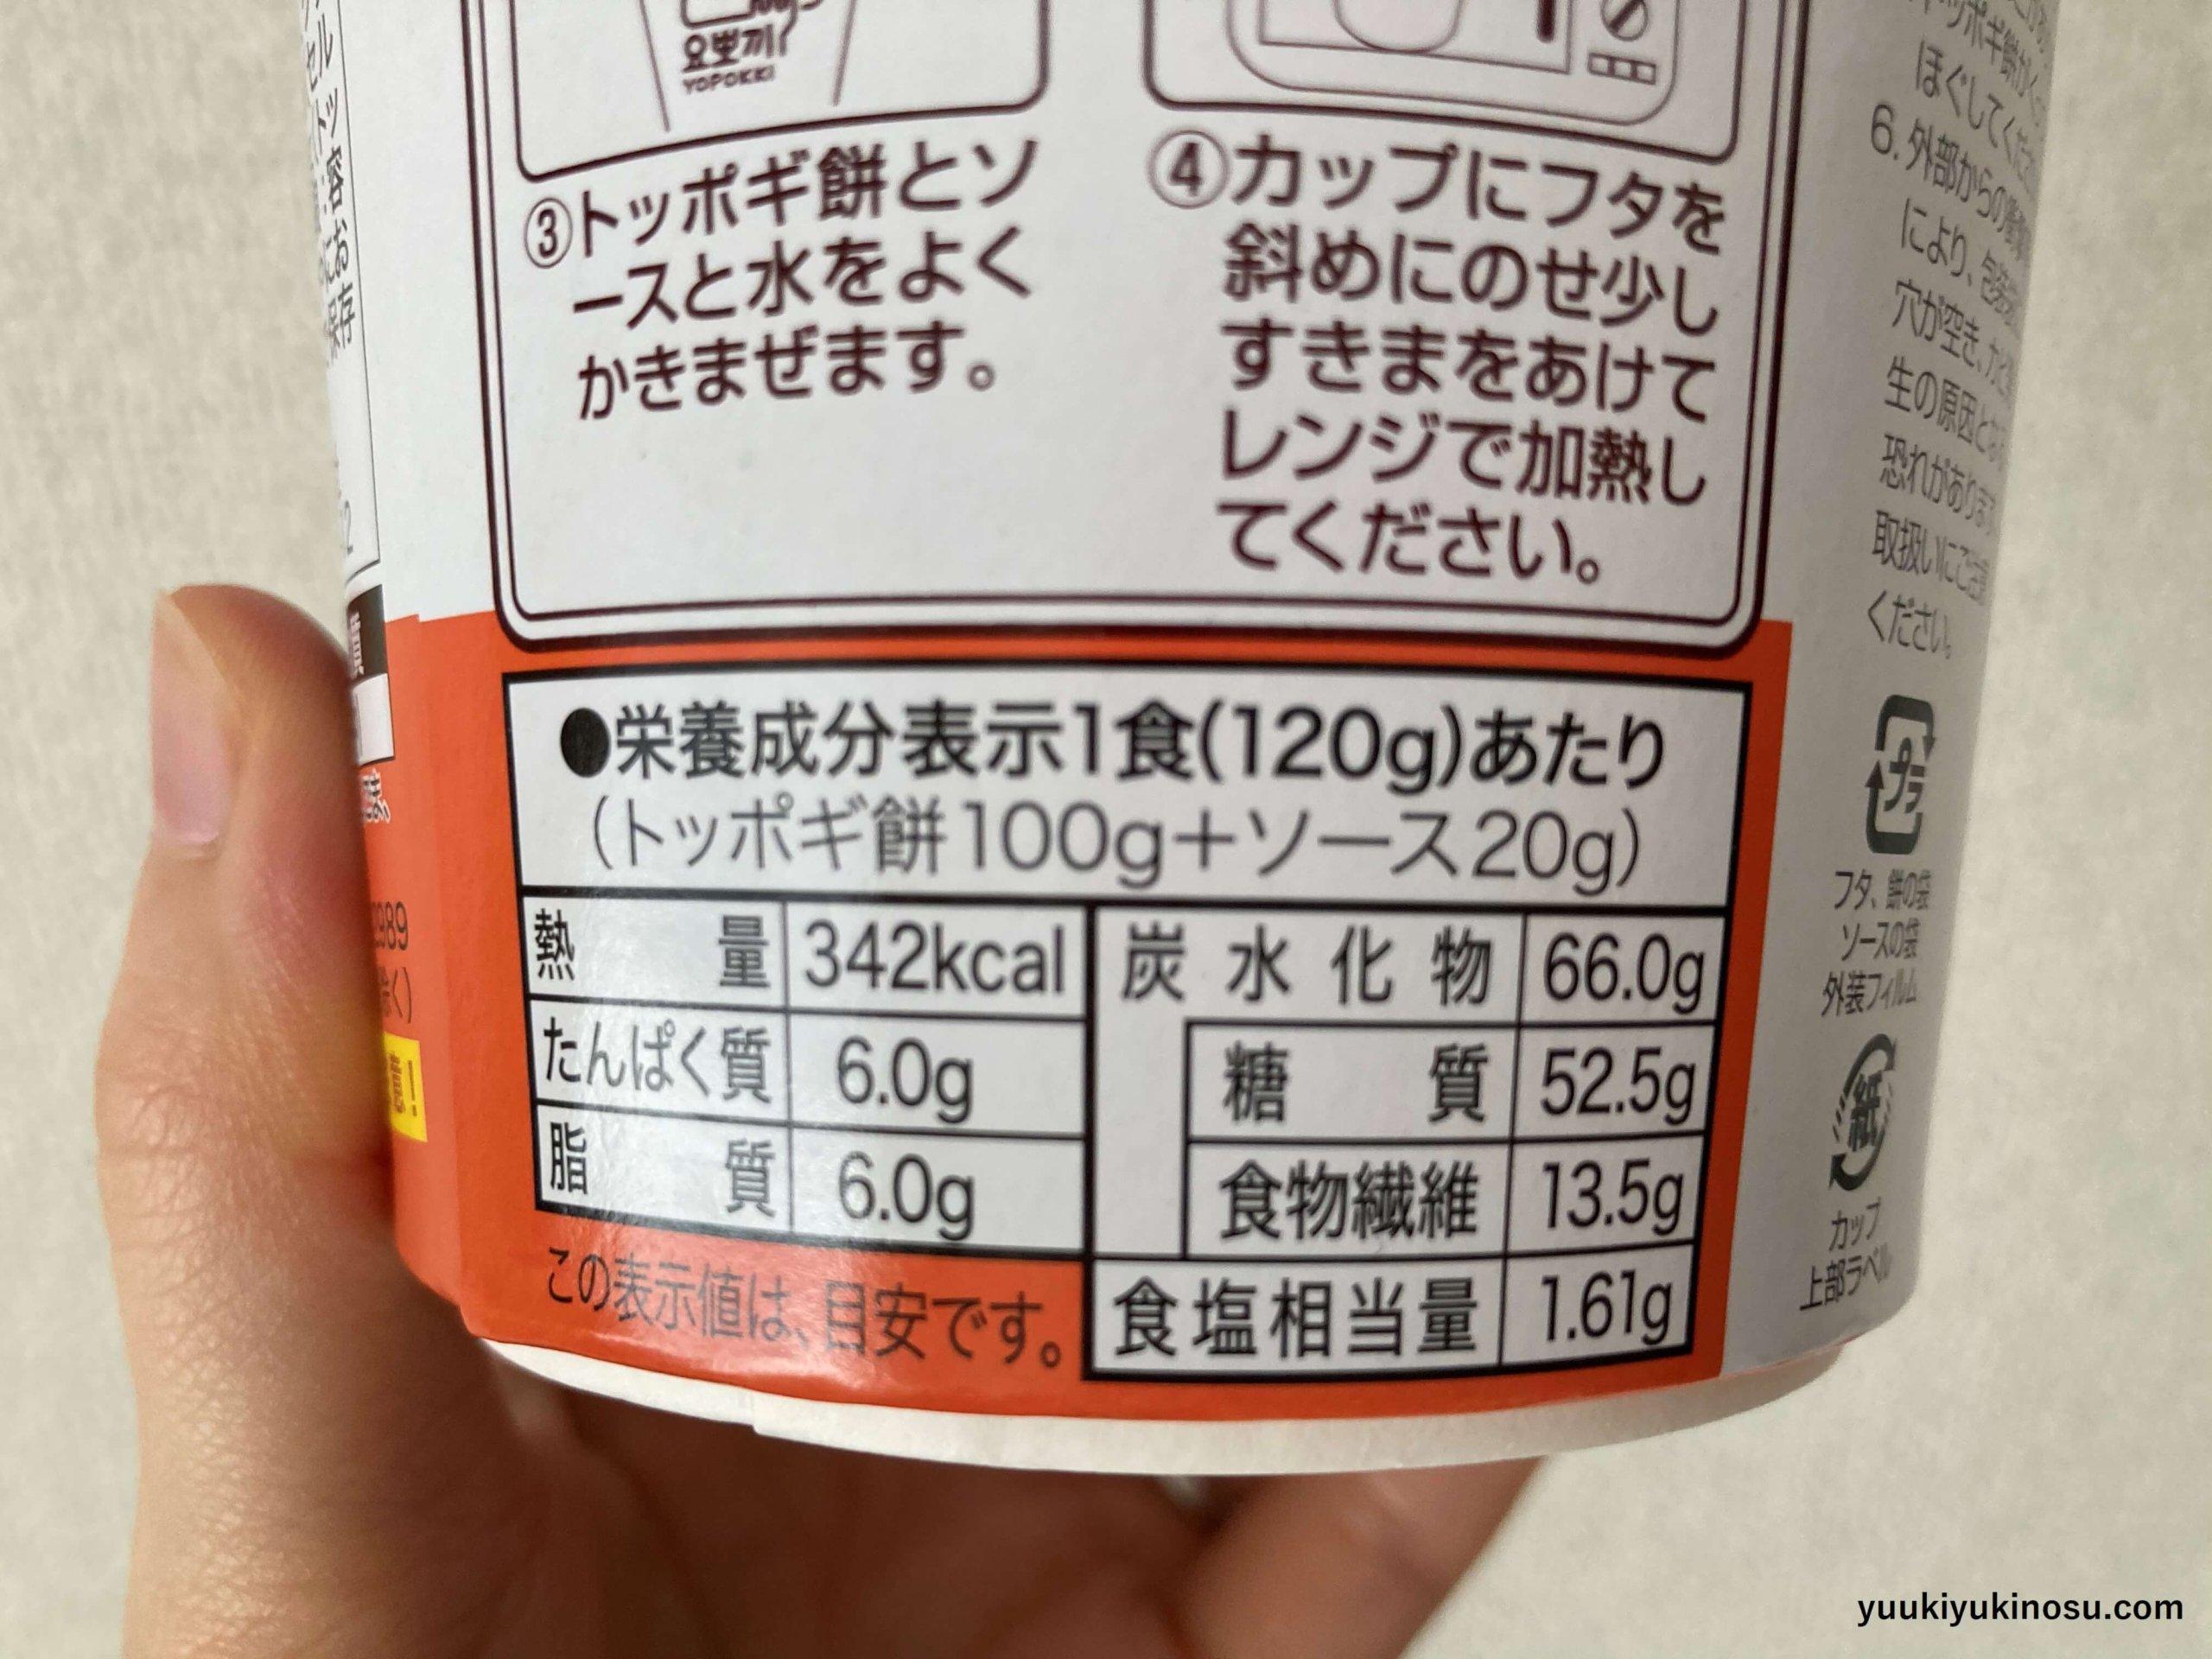 チーズトッポッキ YOPOKKI ヨッポッキ インスタント 値段 韓国グルメ アレンジ 作り方 おすすめ 美味しい ヘテパシフィック株式会社 ヨンプン カロリー